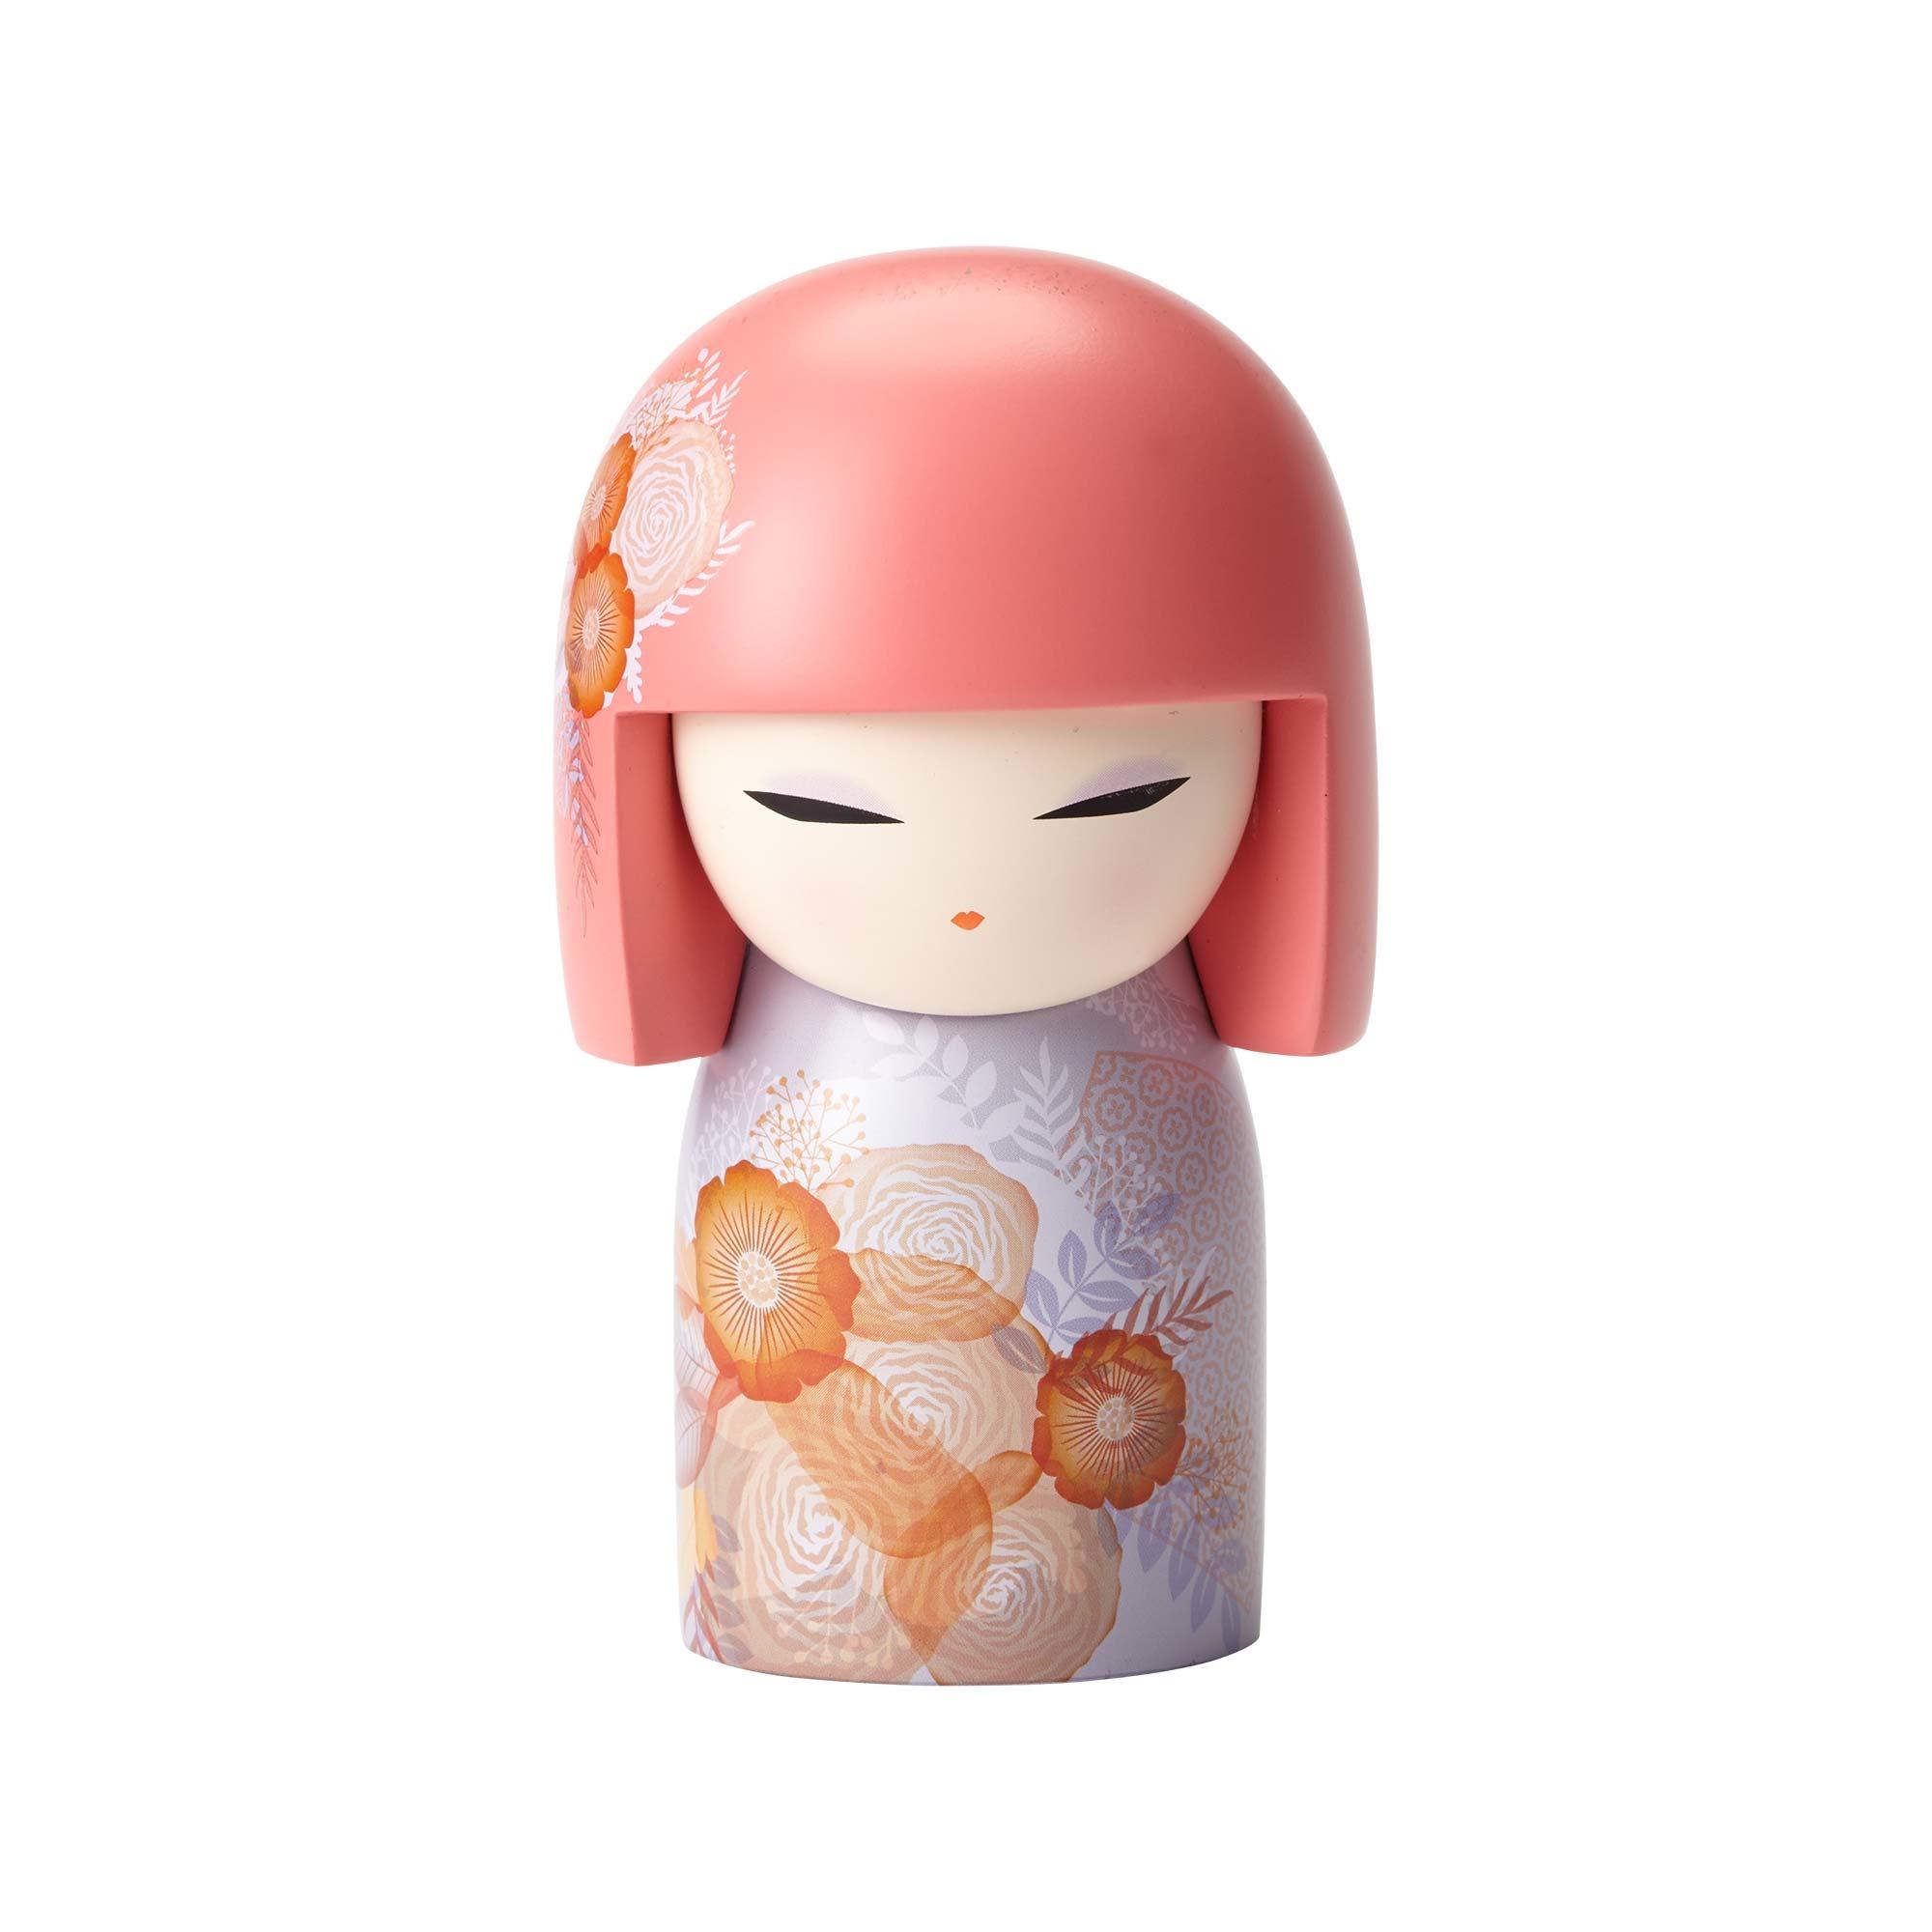 Nozomi - Hope - Maxi Doll